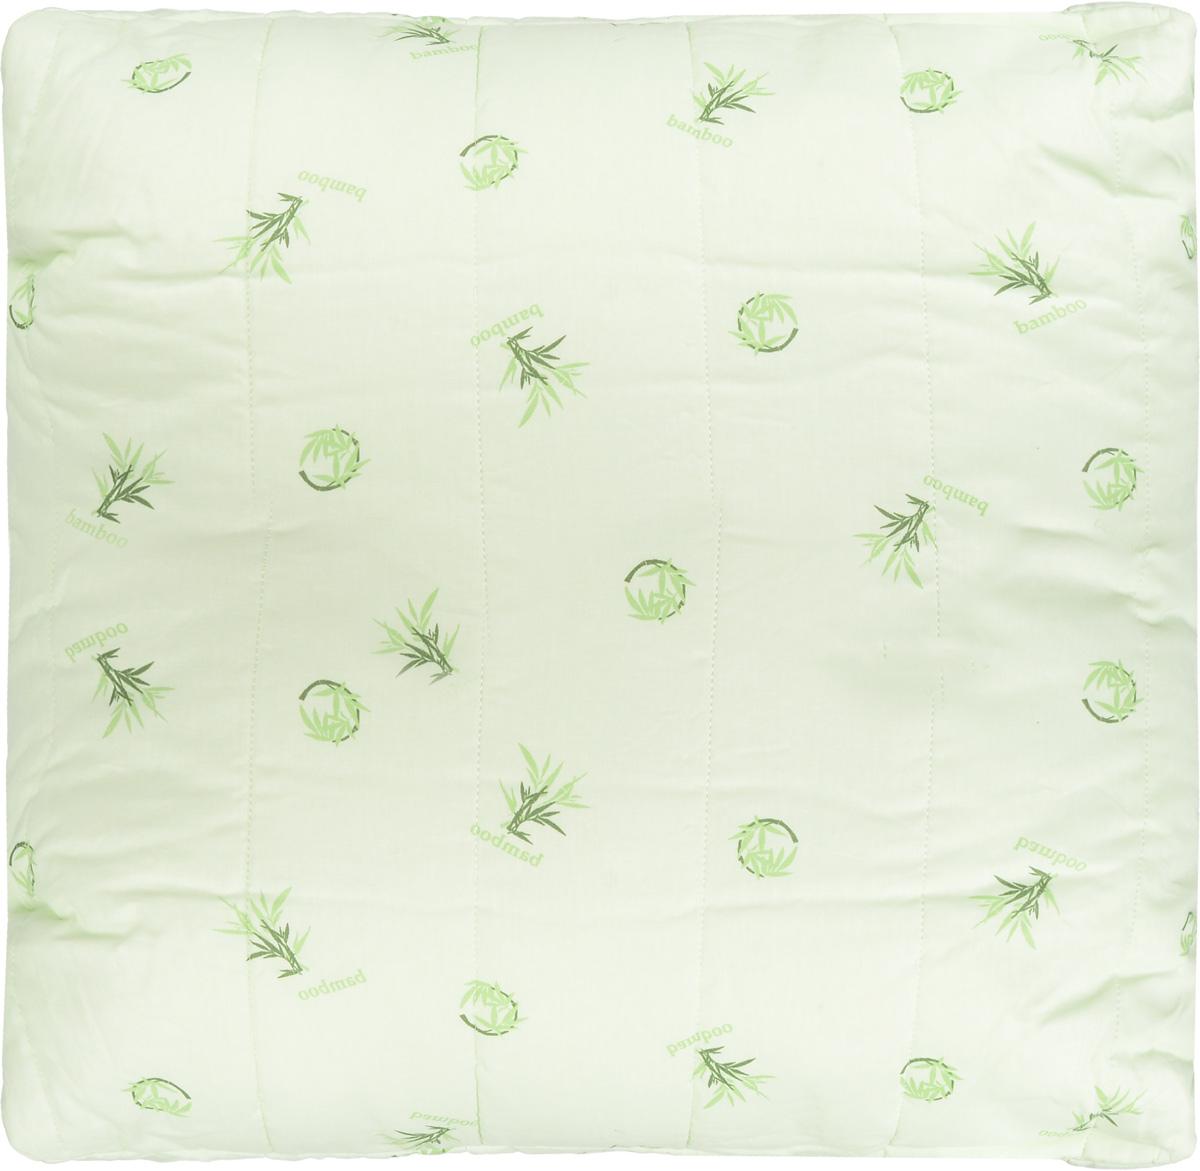 Подушка Легкие сны Бамбук, наполнитель: бамбуковое волокно, 68 x 68 см77(40)04-БВПодушка Легкие сны Бамбук подарит комфорт и уют во время сна. Чехол выполнен из 100% хлопка. Волокно бамбука - это натуральный материал, добываемый из стеблей растения. Он обладает способностью быстро впитывать и испарять влагу, а также антибактериальными свойствами, что препятствует появлению пылевых клещей и болезнетворных бактерий. Изделия с наполнителем из бамбука легко пропускают воздух, создавая охлаждающий эффект, поэтому им нет равных в жару. Они отличаются превосходными дезодорирующими свойствами, мягкие, легкие, нетребовательны в уходе, гипоаллергенные и подходят абсолютно всем. Основные свойства волокна: - дезодорирующий эффект; - антибактериальные свойства; - гипоаллергенные свойства. Подушку можно стирать в стиральной машине. Степень поддержки: средняя.